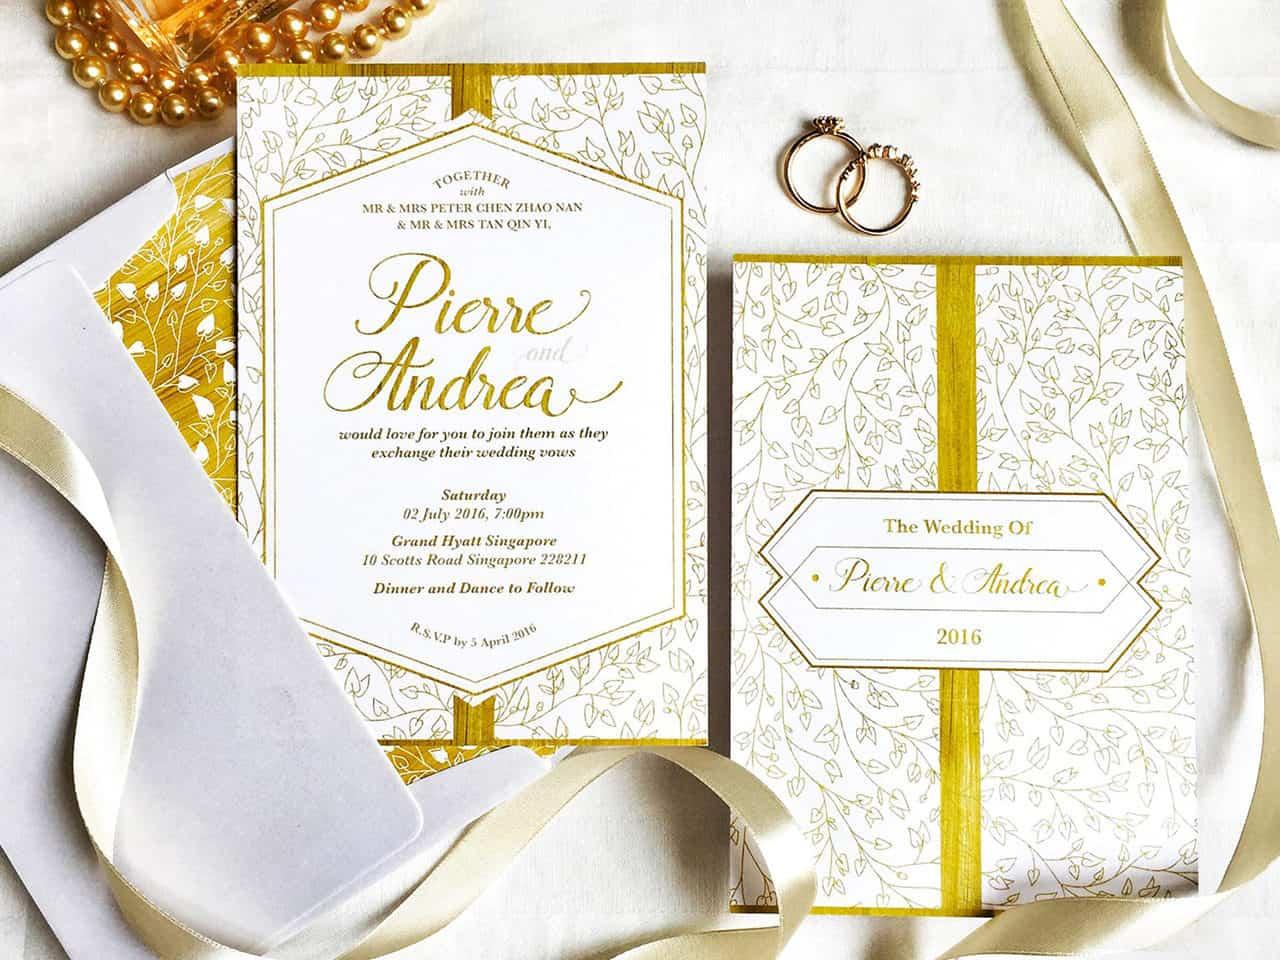 صورة كلام دعوة زواج,ادعي اصحابك لحضور حفله زفاف